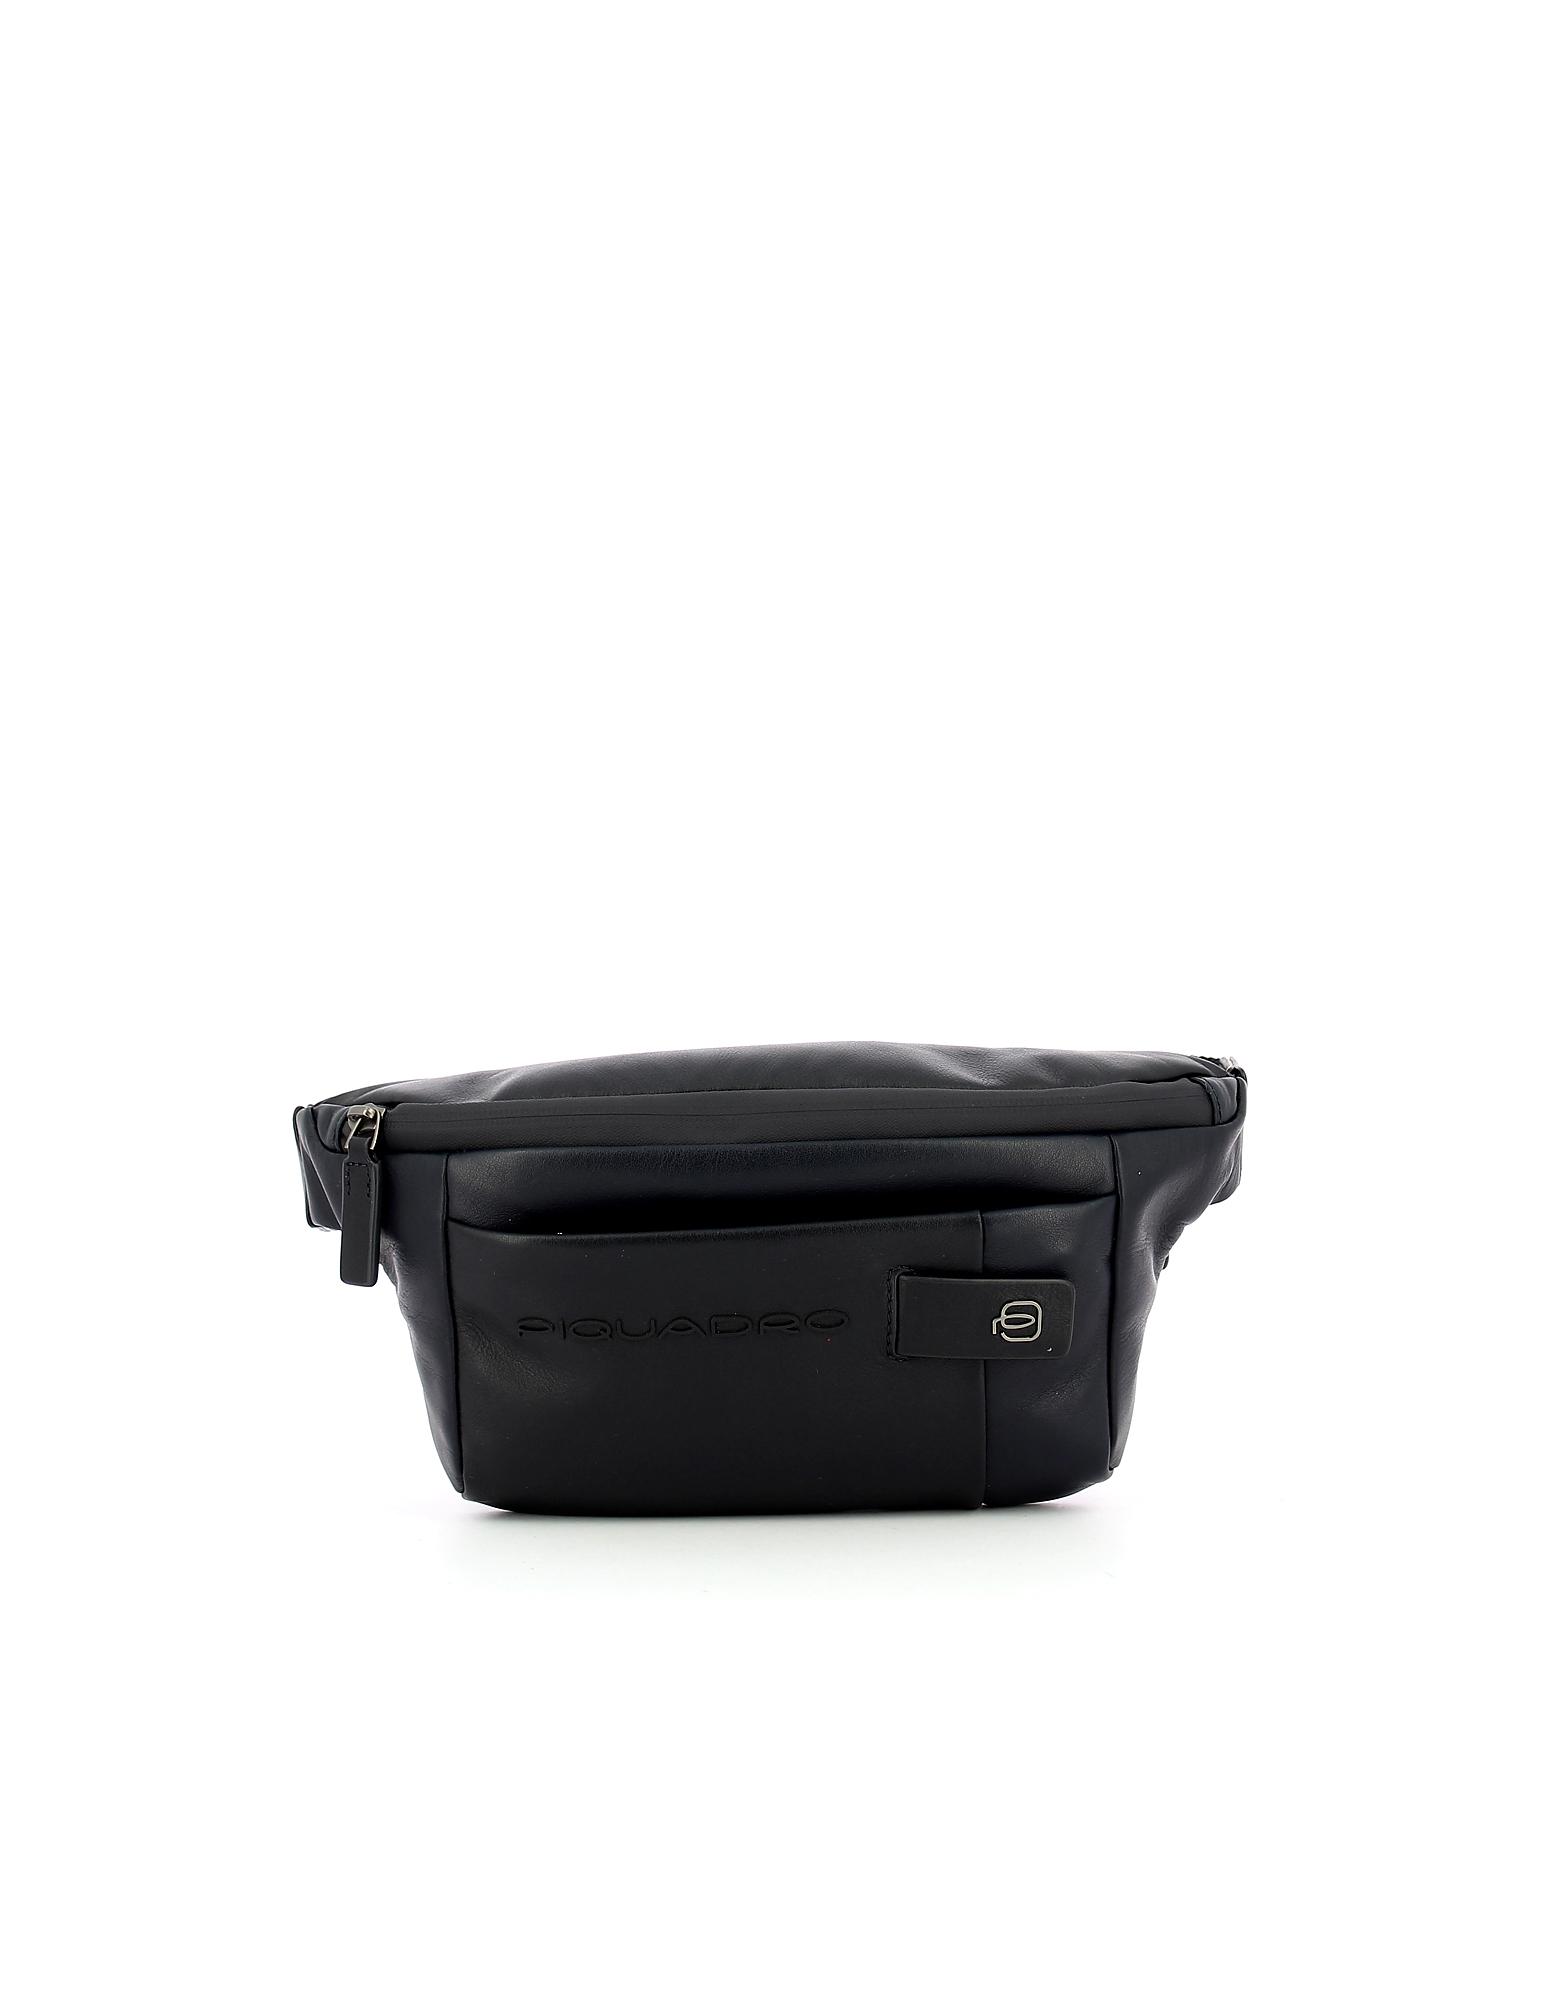 Piquadro Designer Men's Bags, Men's Blue Belt Bag